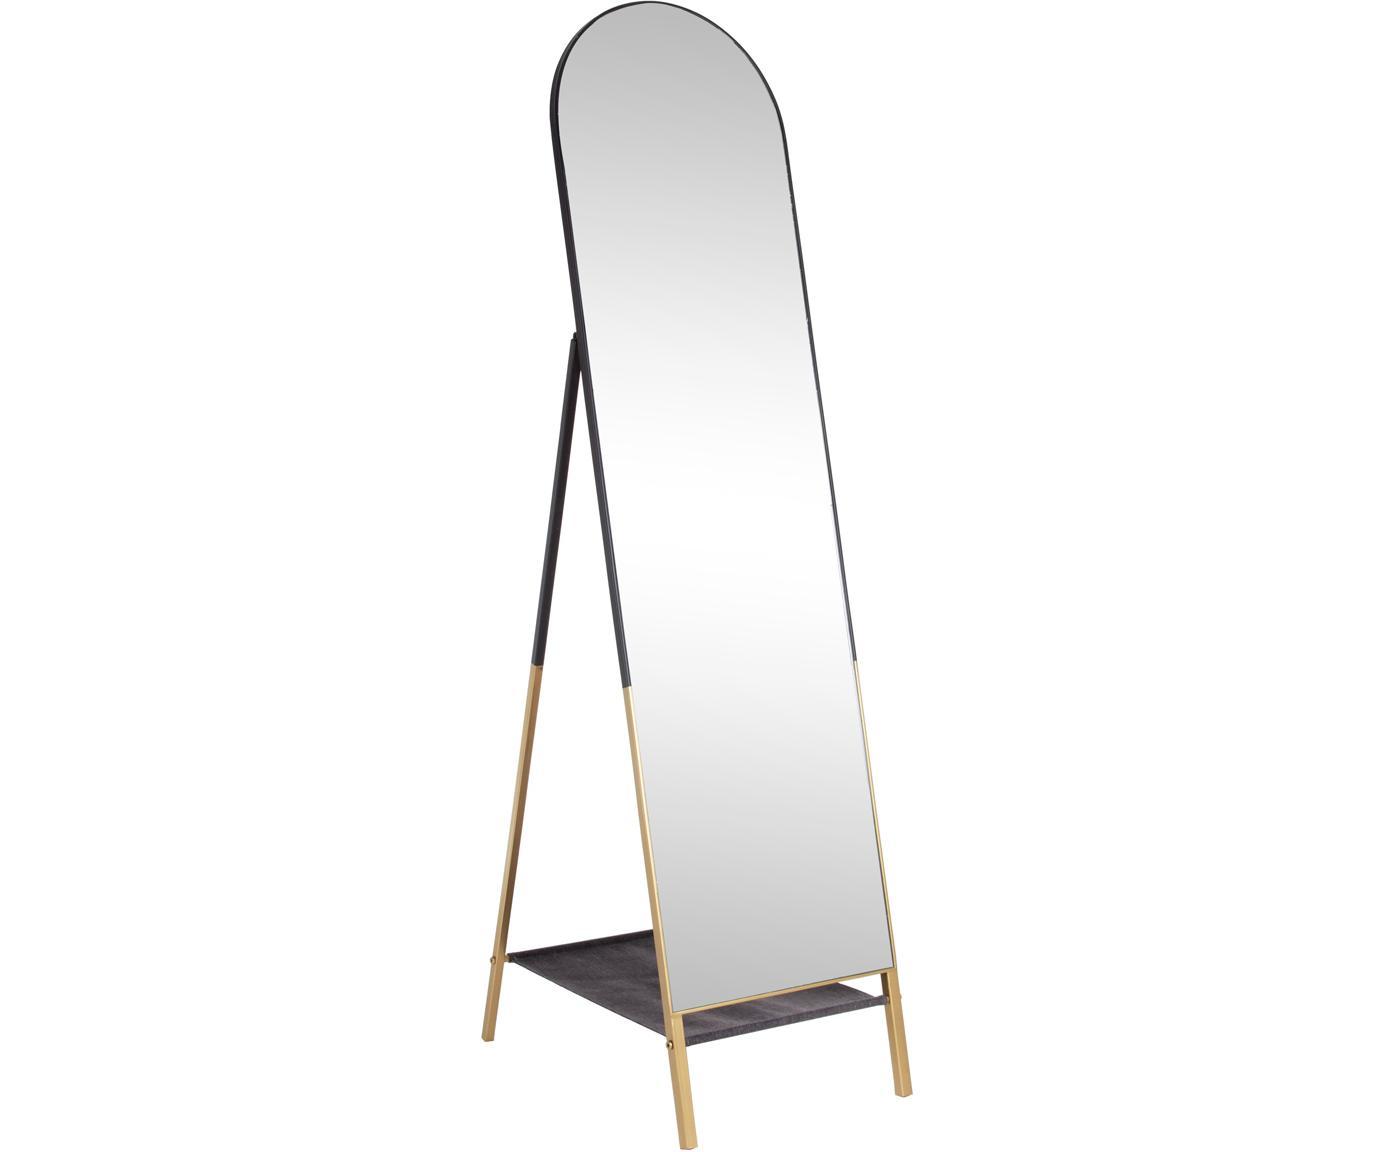 Lustro stojące z drewna Reflix, Czarny, odcienie złotego, S 42 x W 170 cm